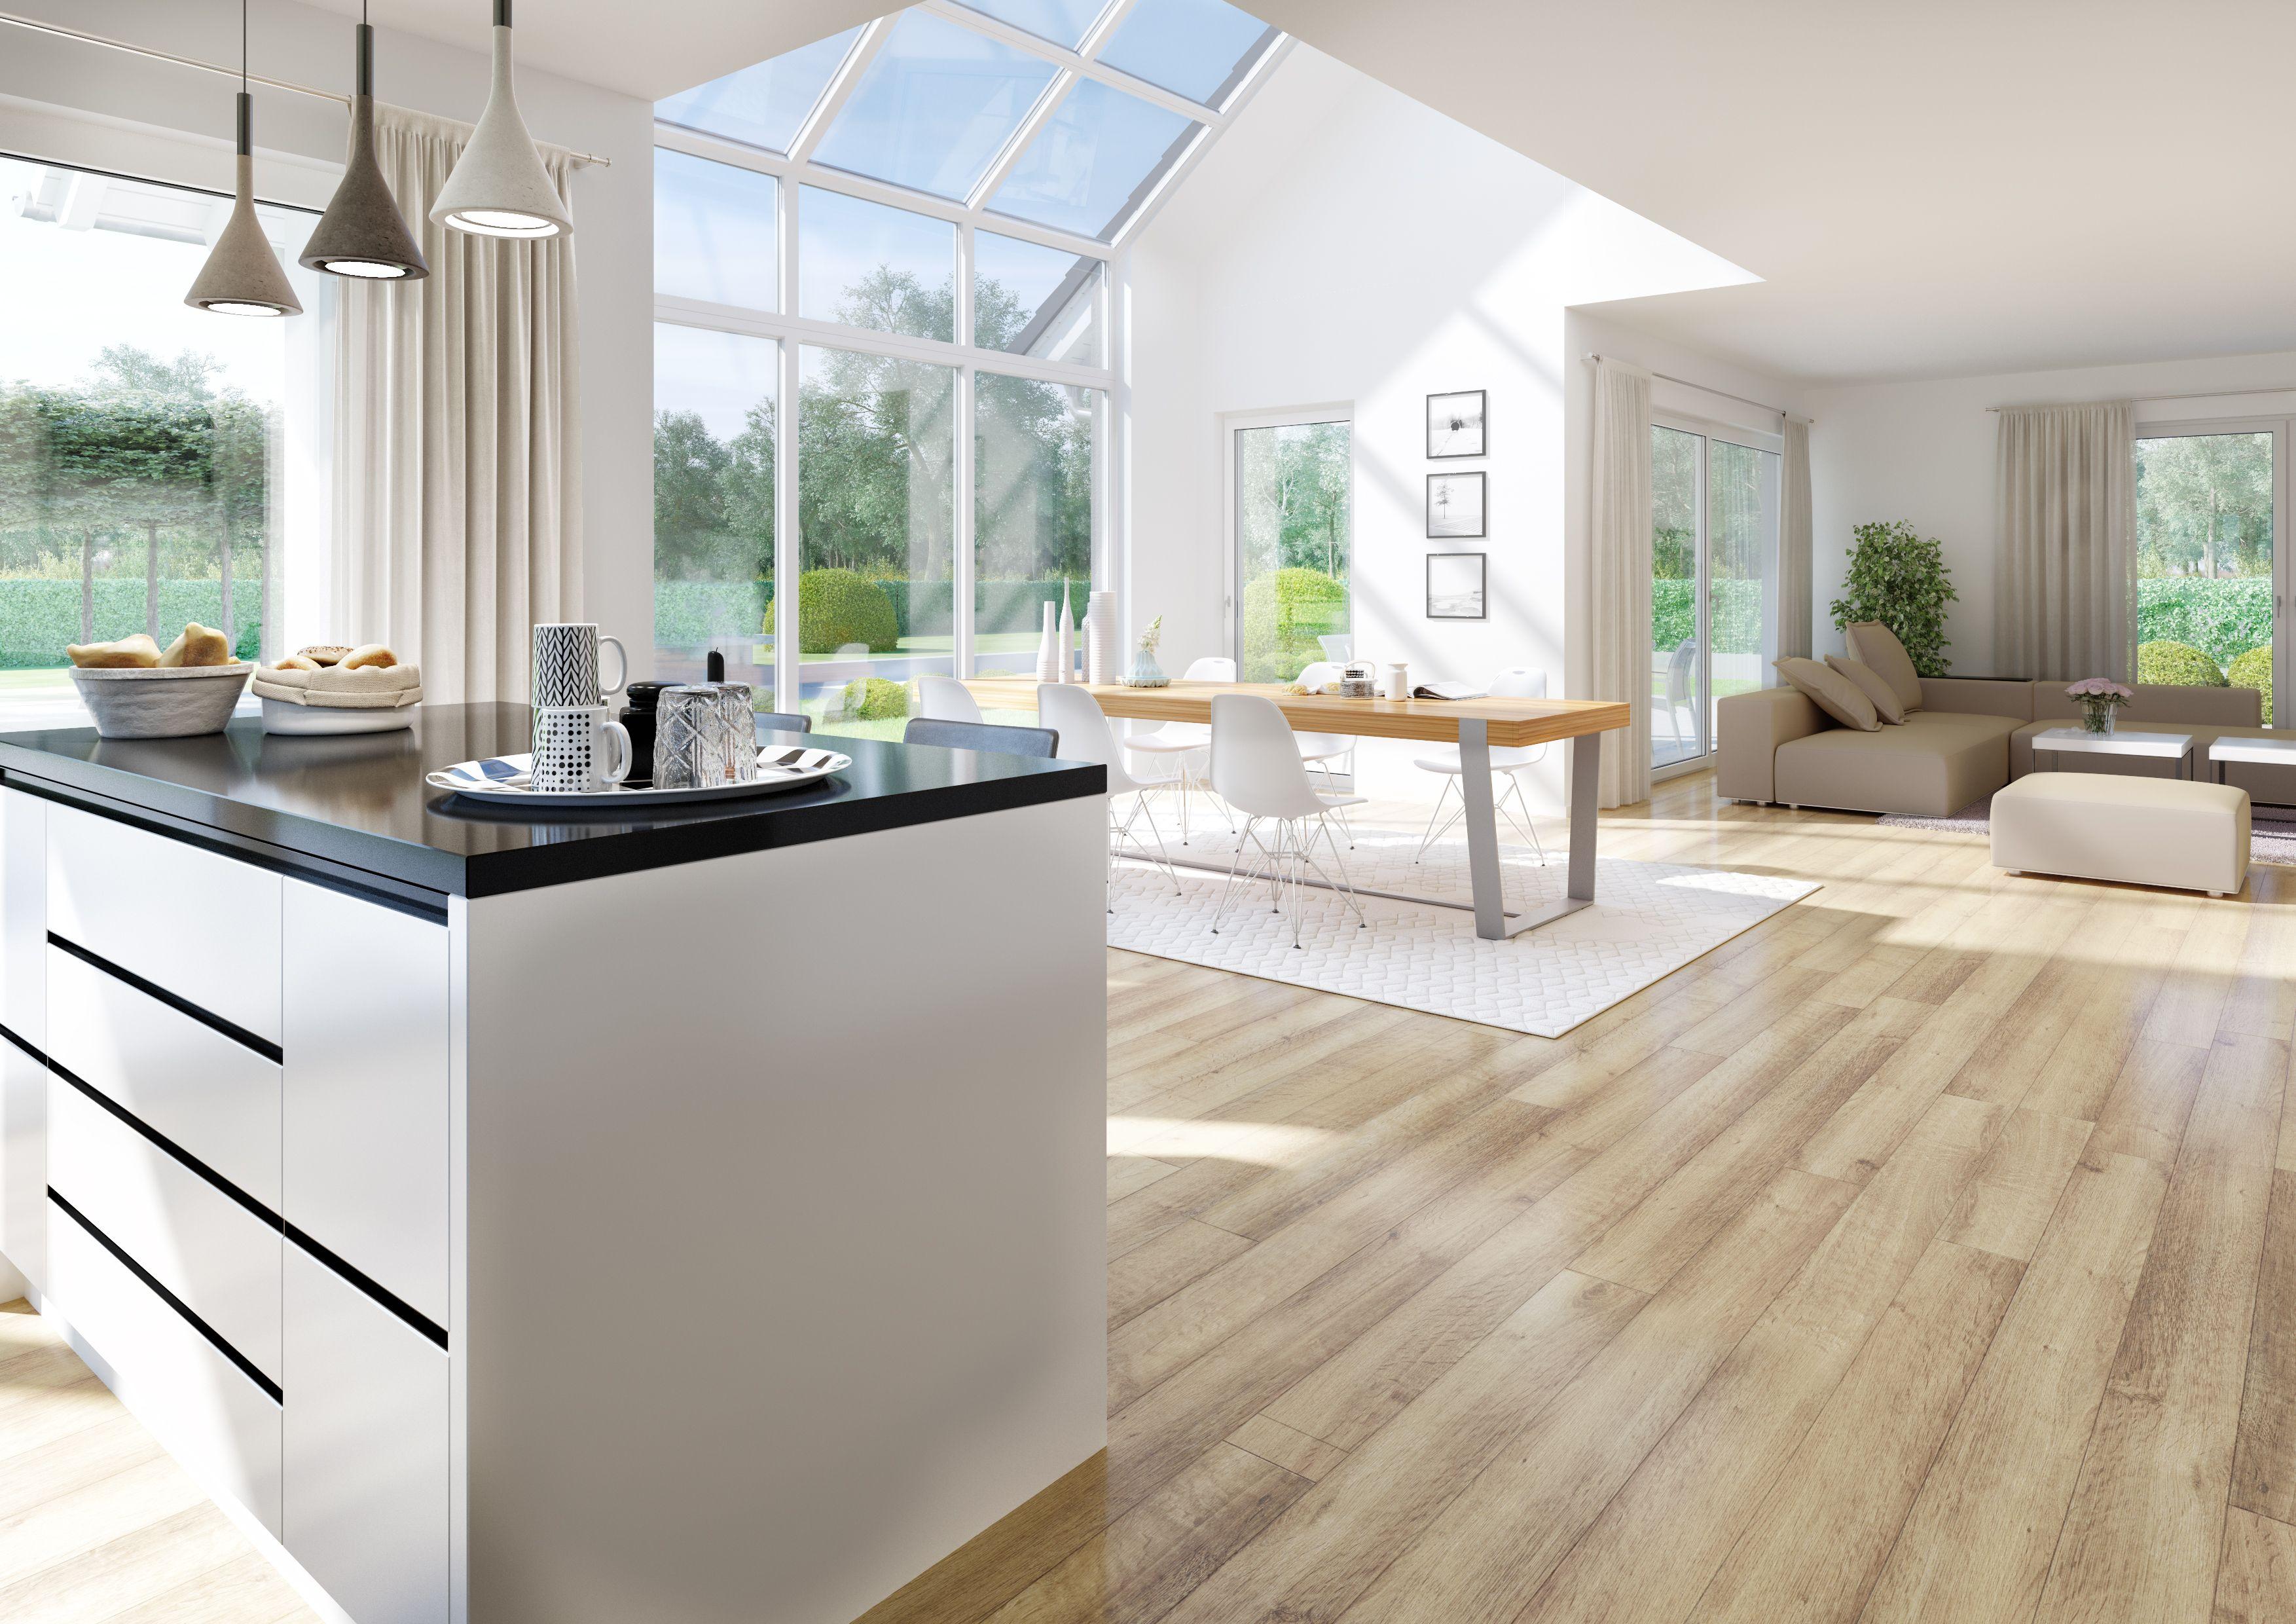 Familienhäuser Haus Innenarchitektur Wohnen Und Kern Haus